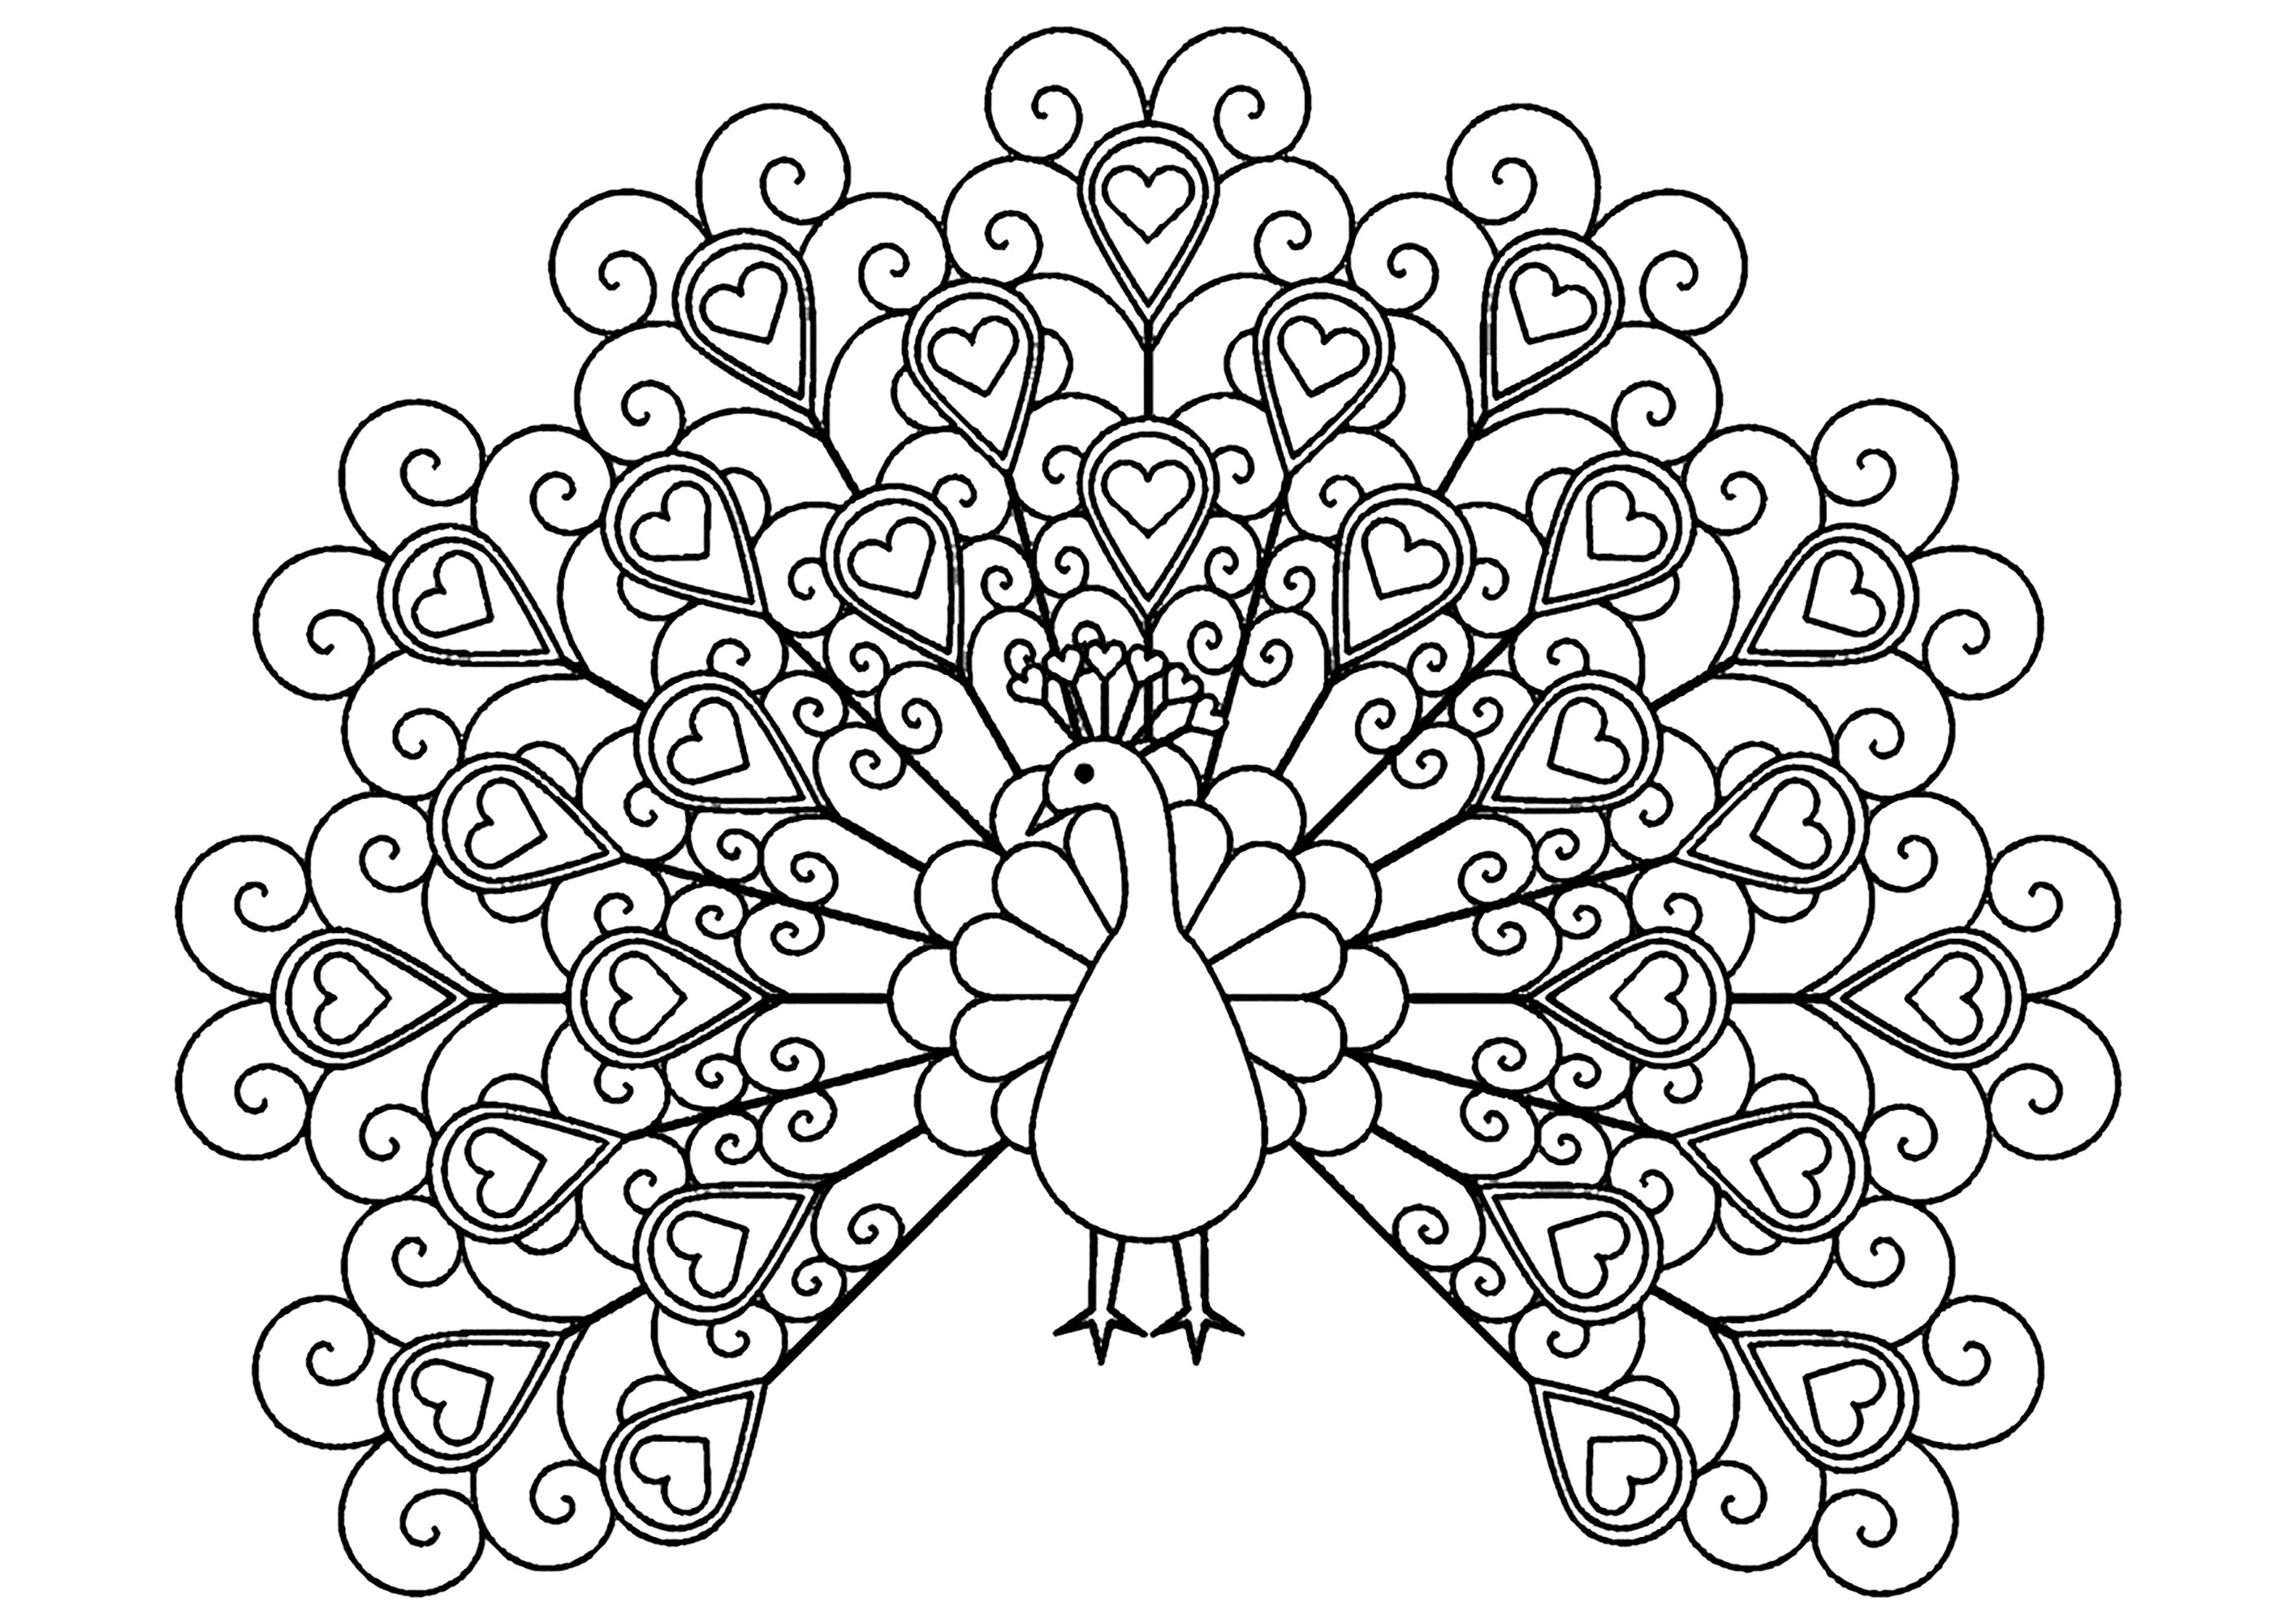 Disegni da Colorare per Adulti : Peacocks - 2